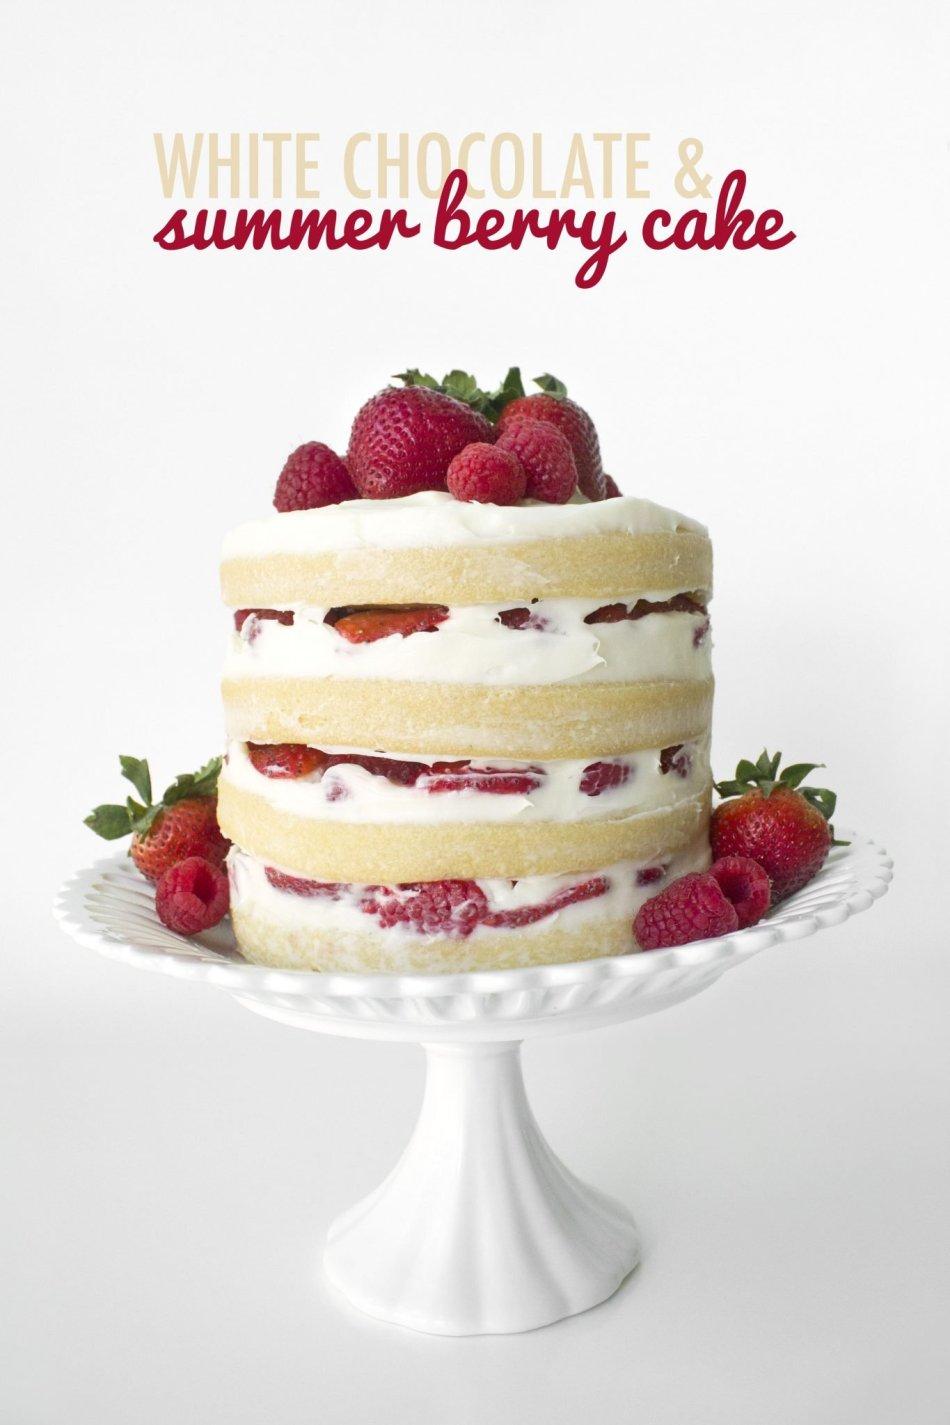 White Chocolate & Summer Berry Cake